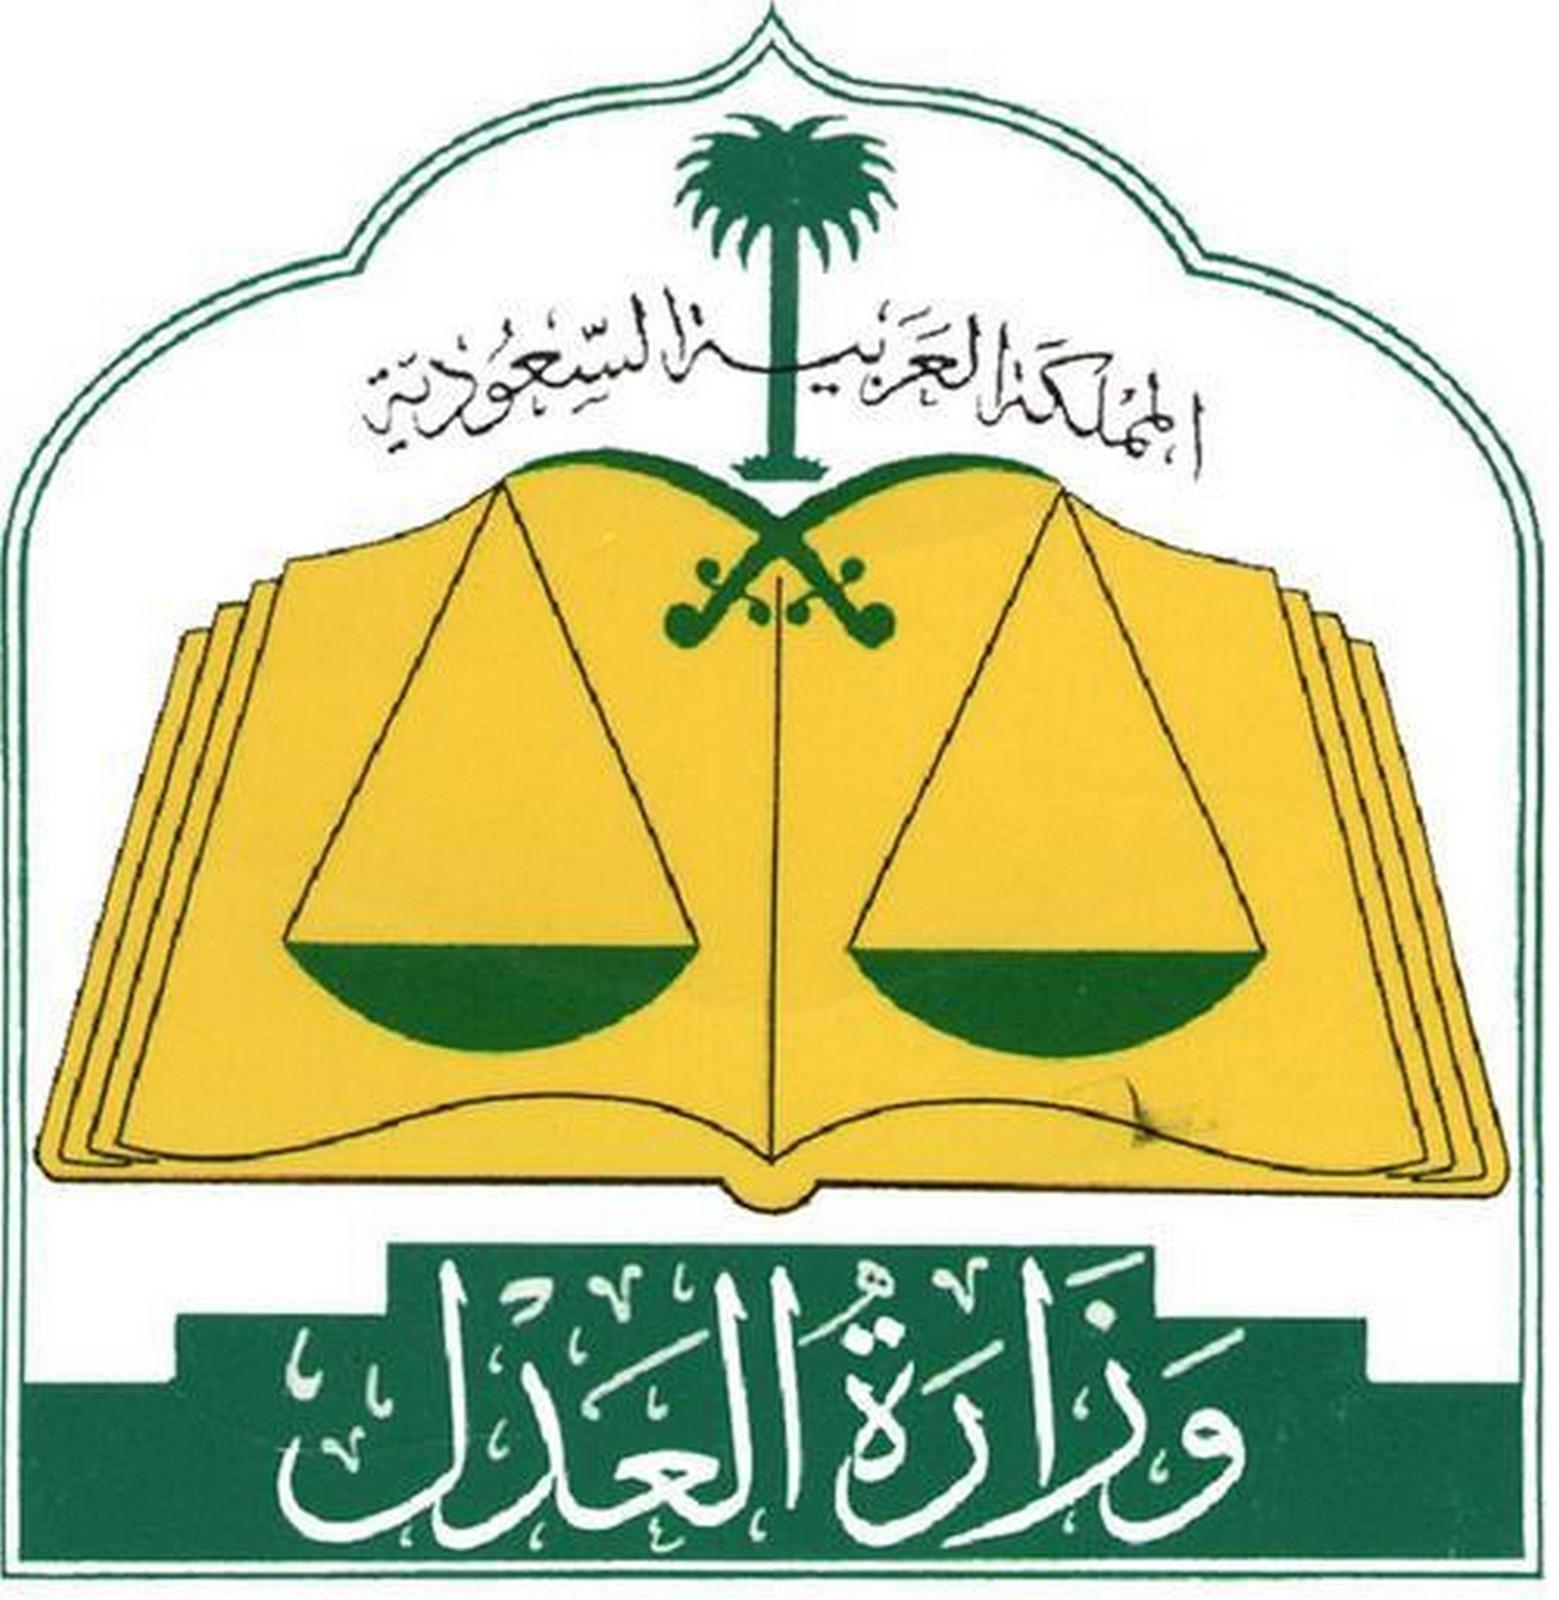 وزارة العدل تغطي جميع المحاكم وكتابات العدل بالتقنية الرقمية بنسبة 100%.. كانت تشغل 2% العام المنصرم   صحيفة الاقتصادية